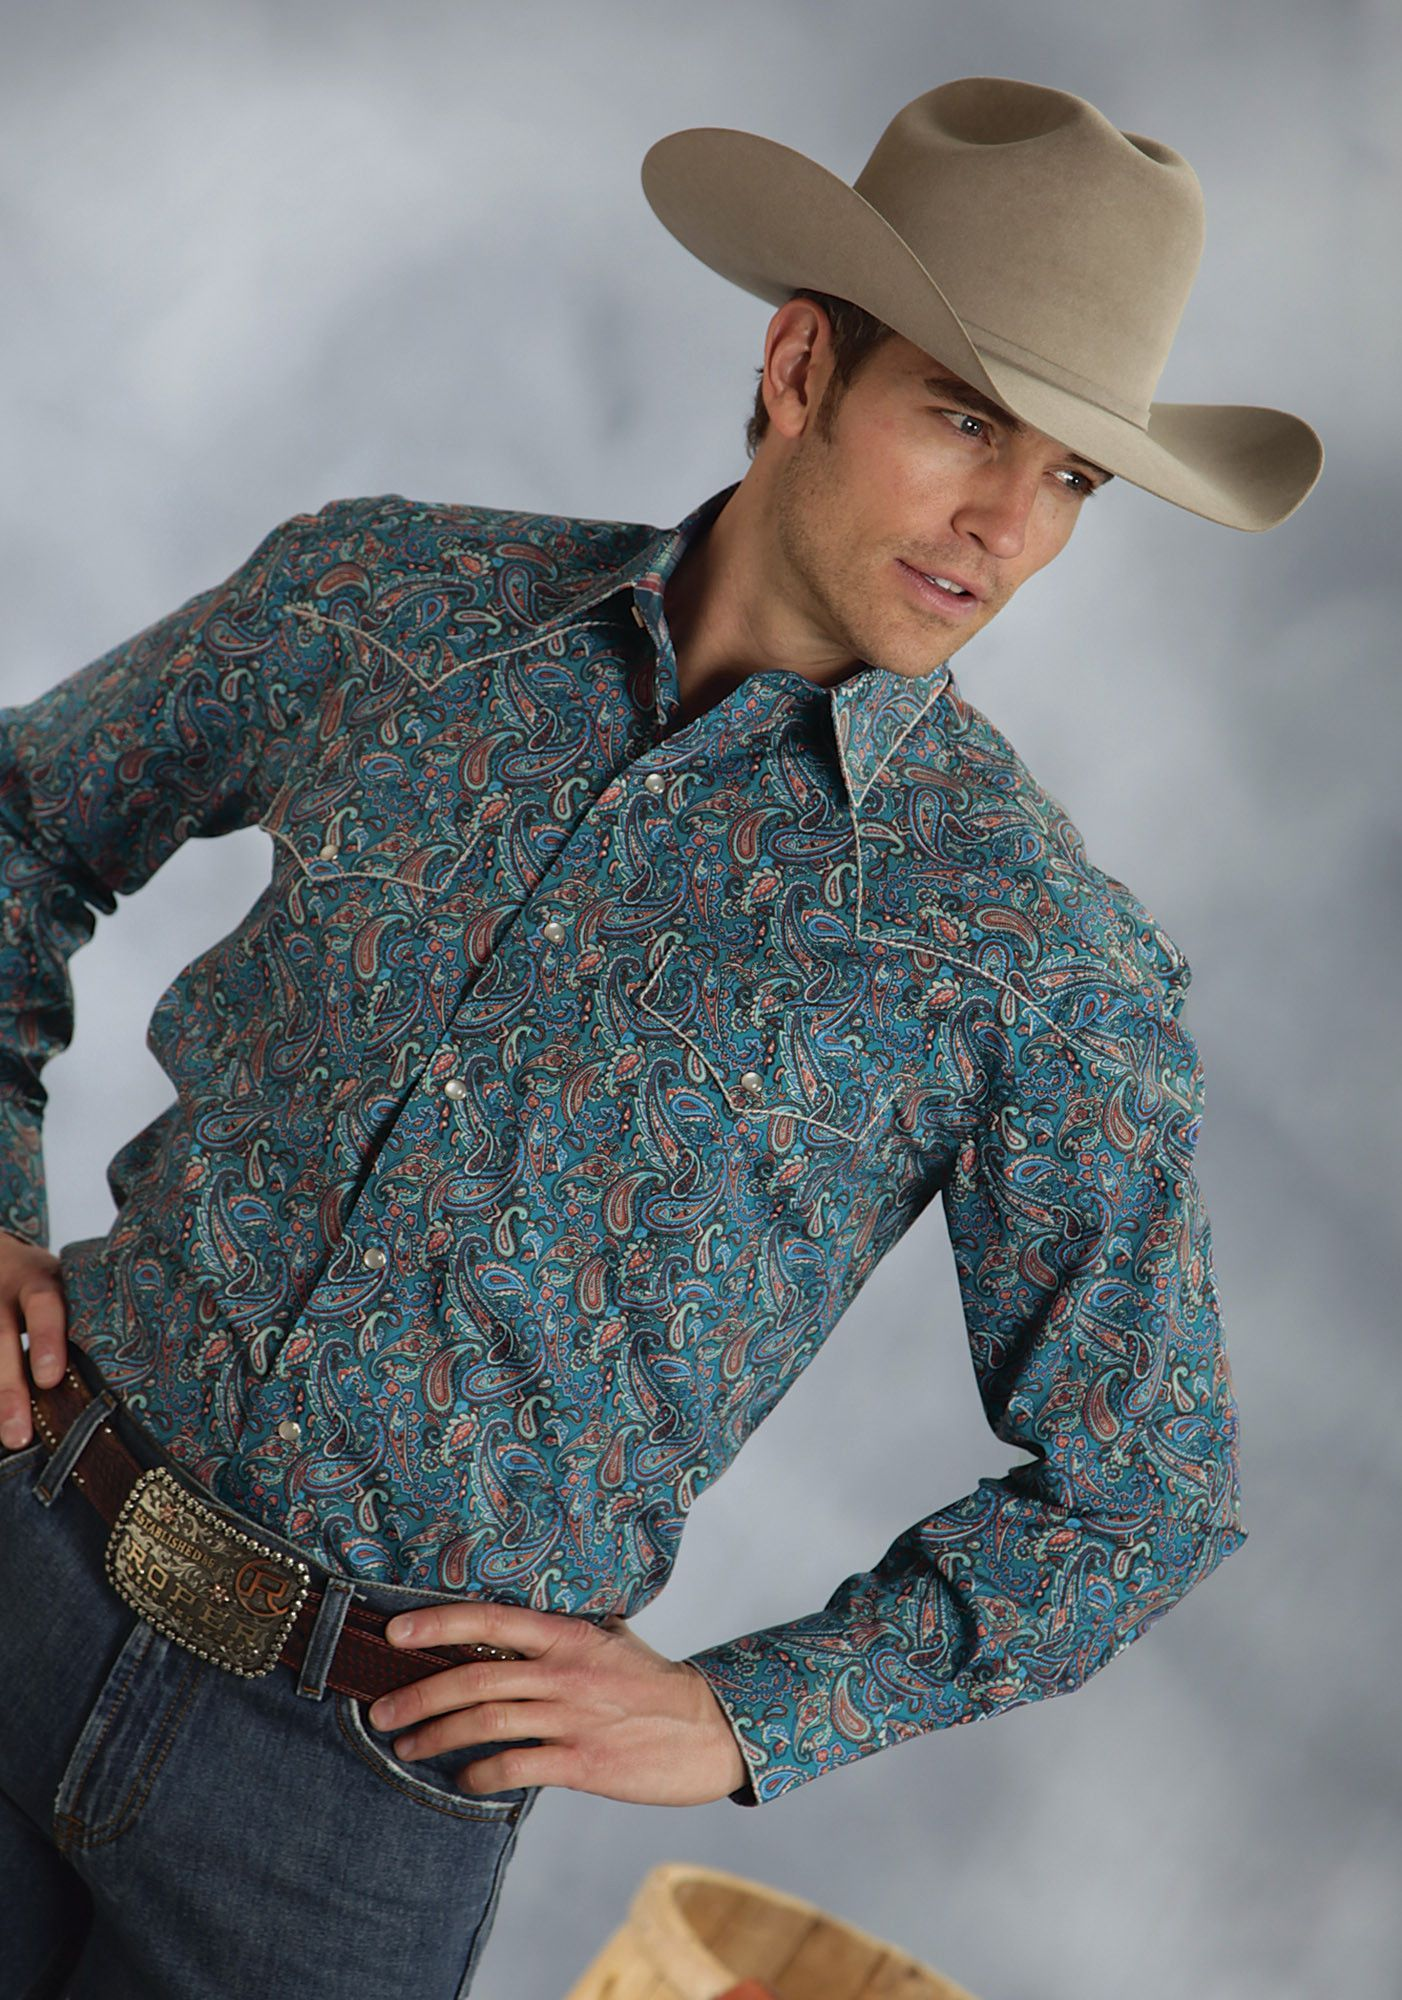 Roper Mens 9350 Flame Paisley Amarillo Sea Coral Group Long Sleeve Shirt Snap Closure - 2 Pocket